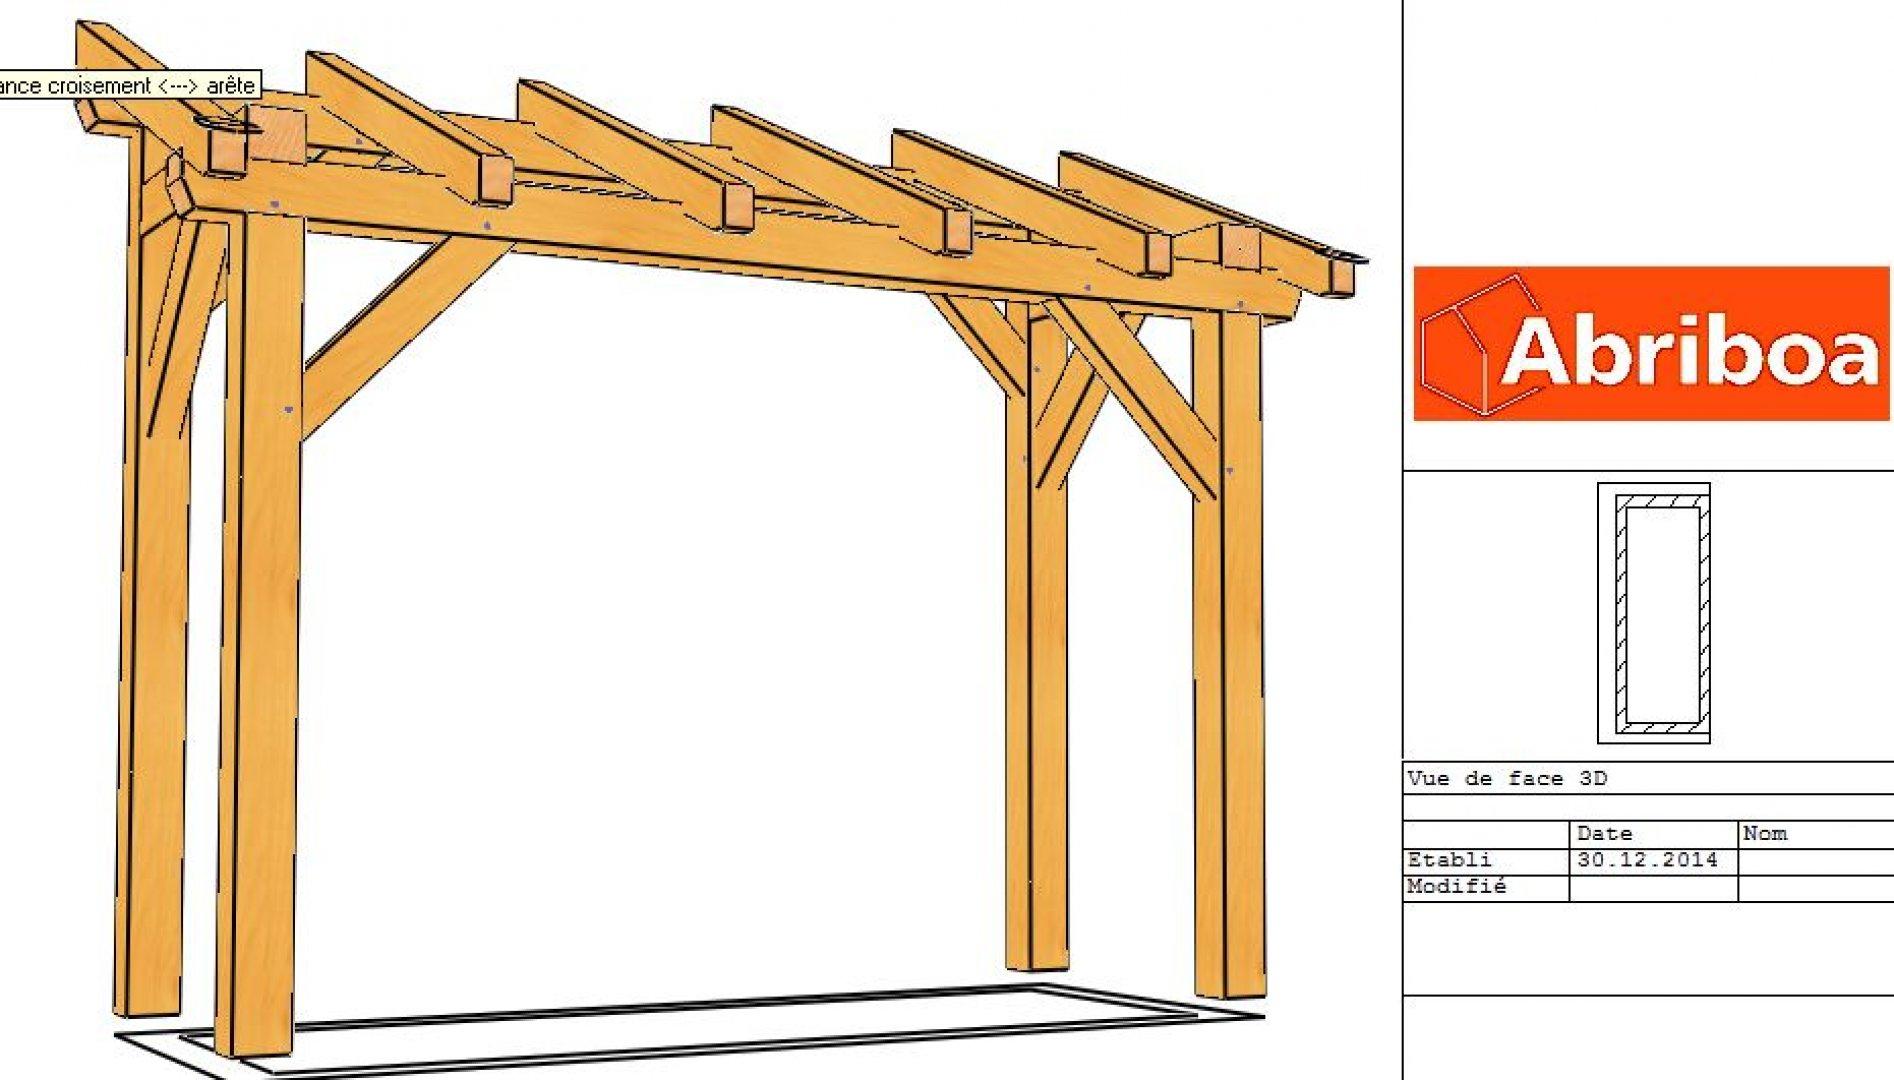 Abri À Bois 3.30Ml 4 Poteaux - Vente En Ligne D'abris En Bois En Kit destiné Abri Bois En Kit